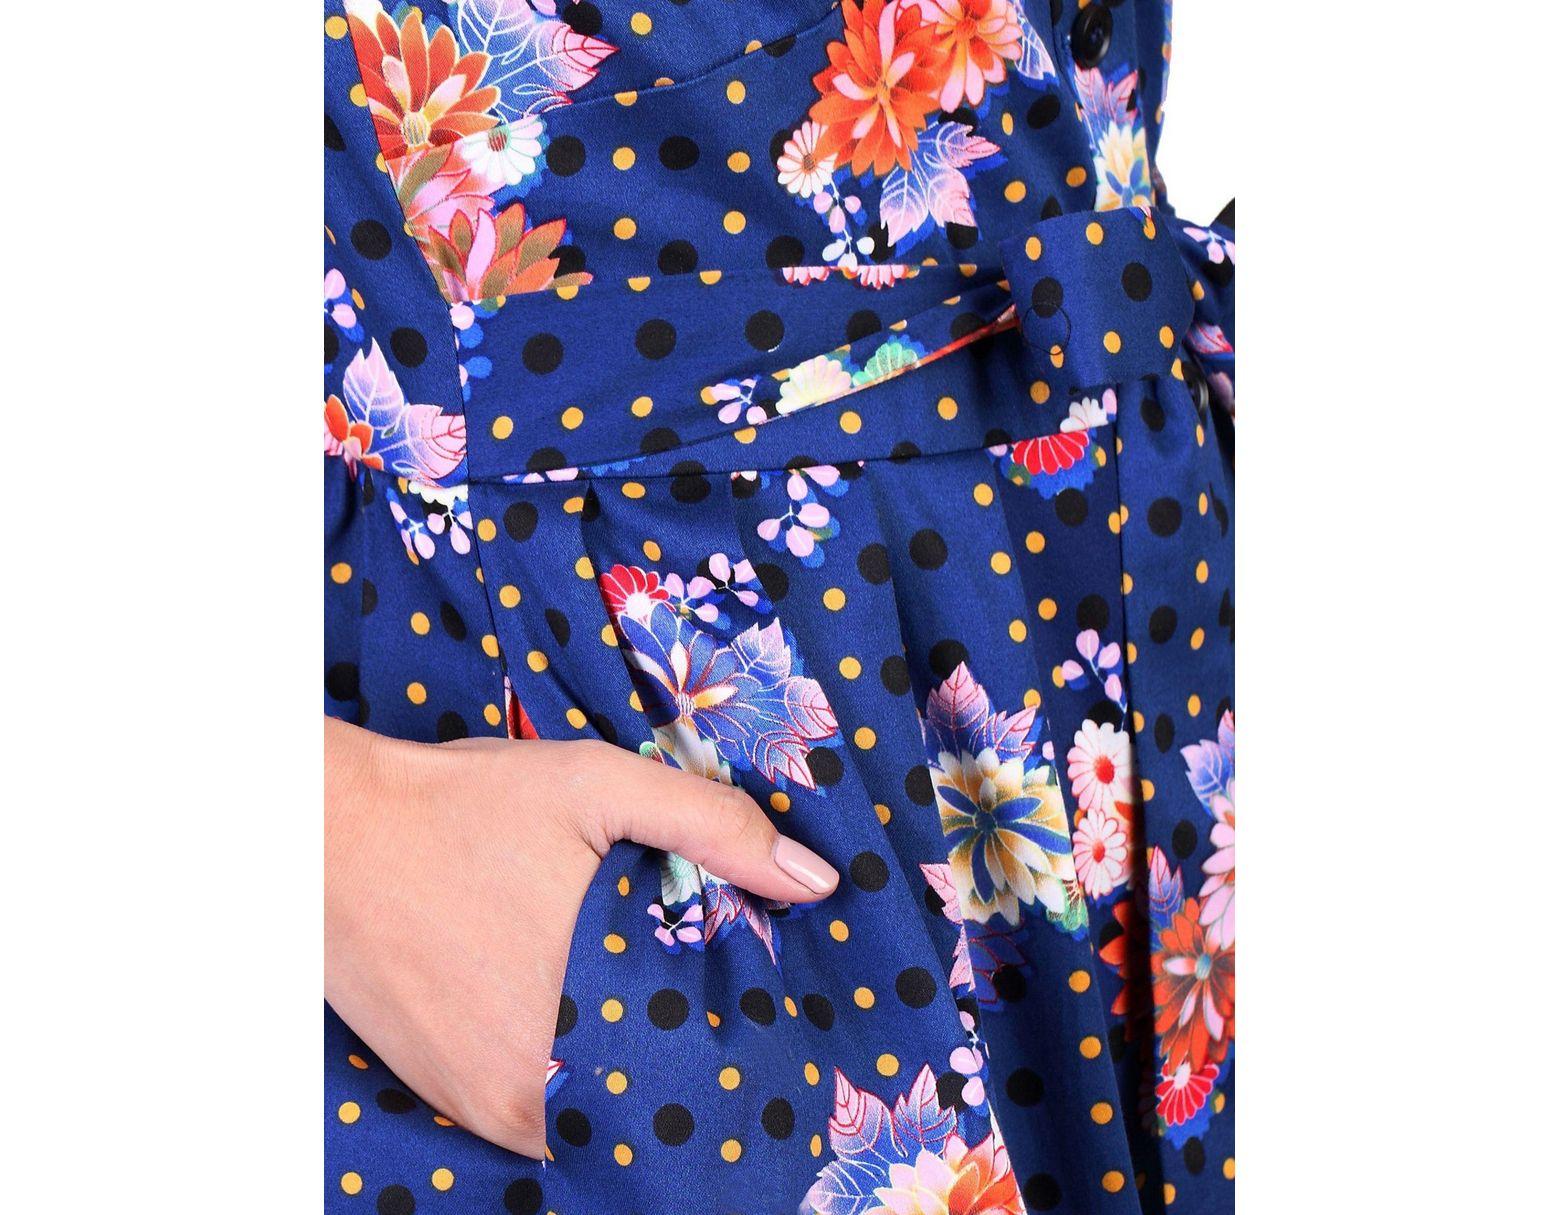 65f83236463 Jolie Moi Floral Spot Print Shirt Dress in Blue - Lyst